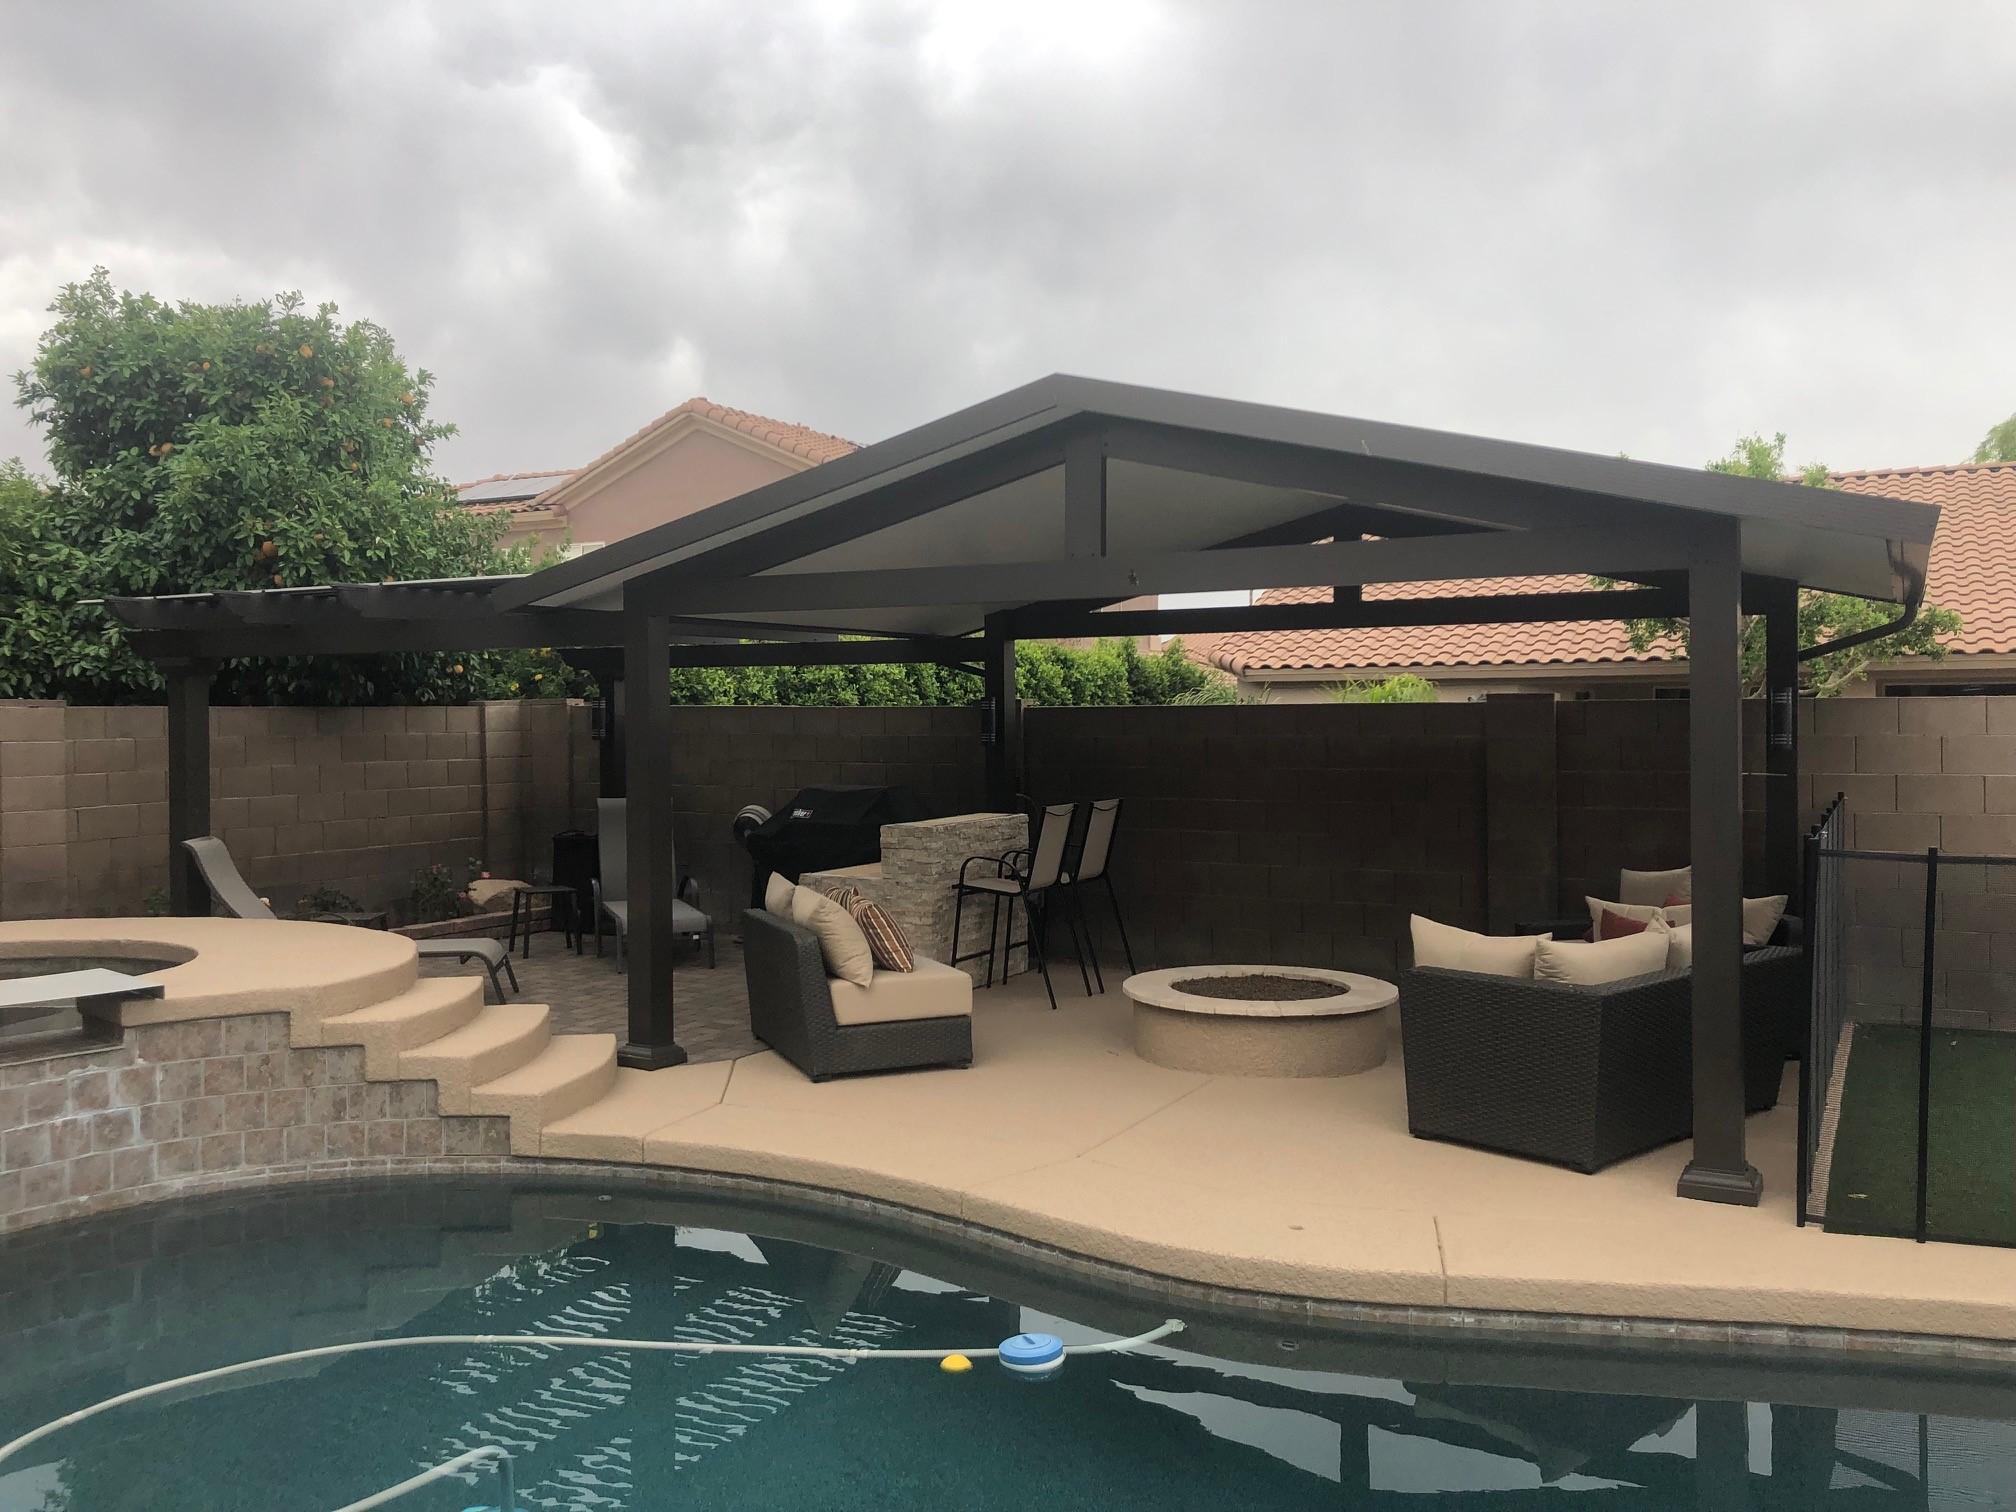 Sunroom Manufacturer Pergolas Patio Covers Temo Sunrooms throughout dimensions 2016 X 1512